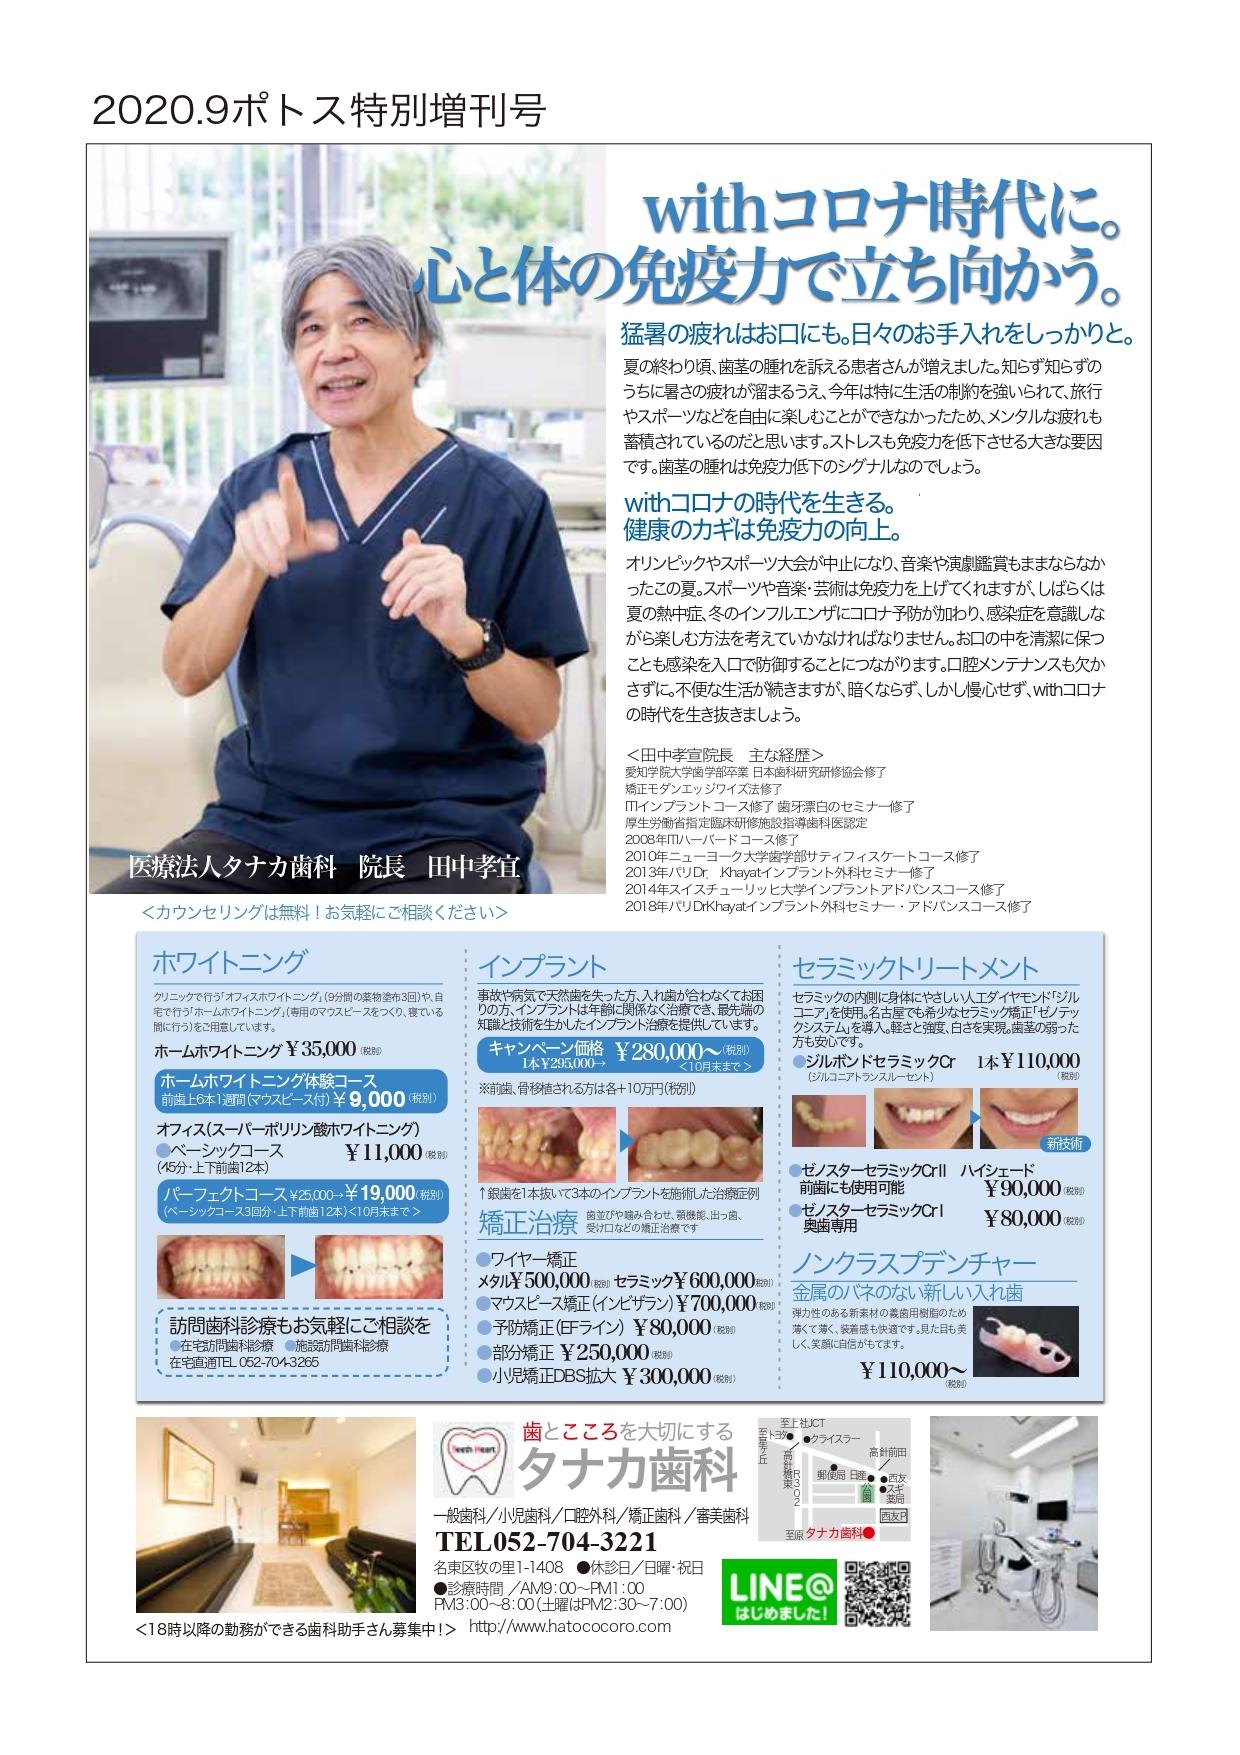 9/24発行ポトス特別増刊号